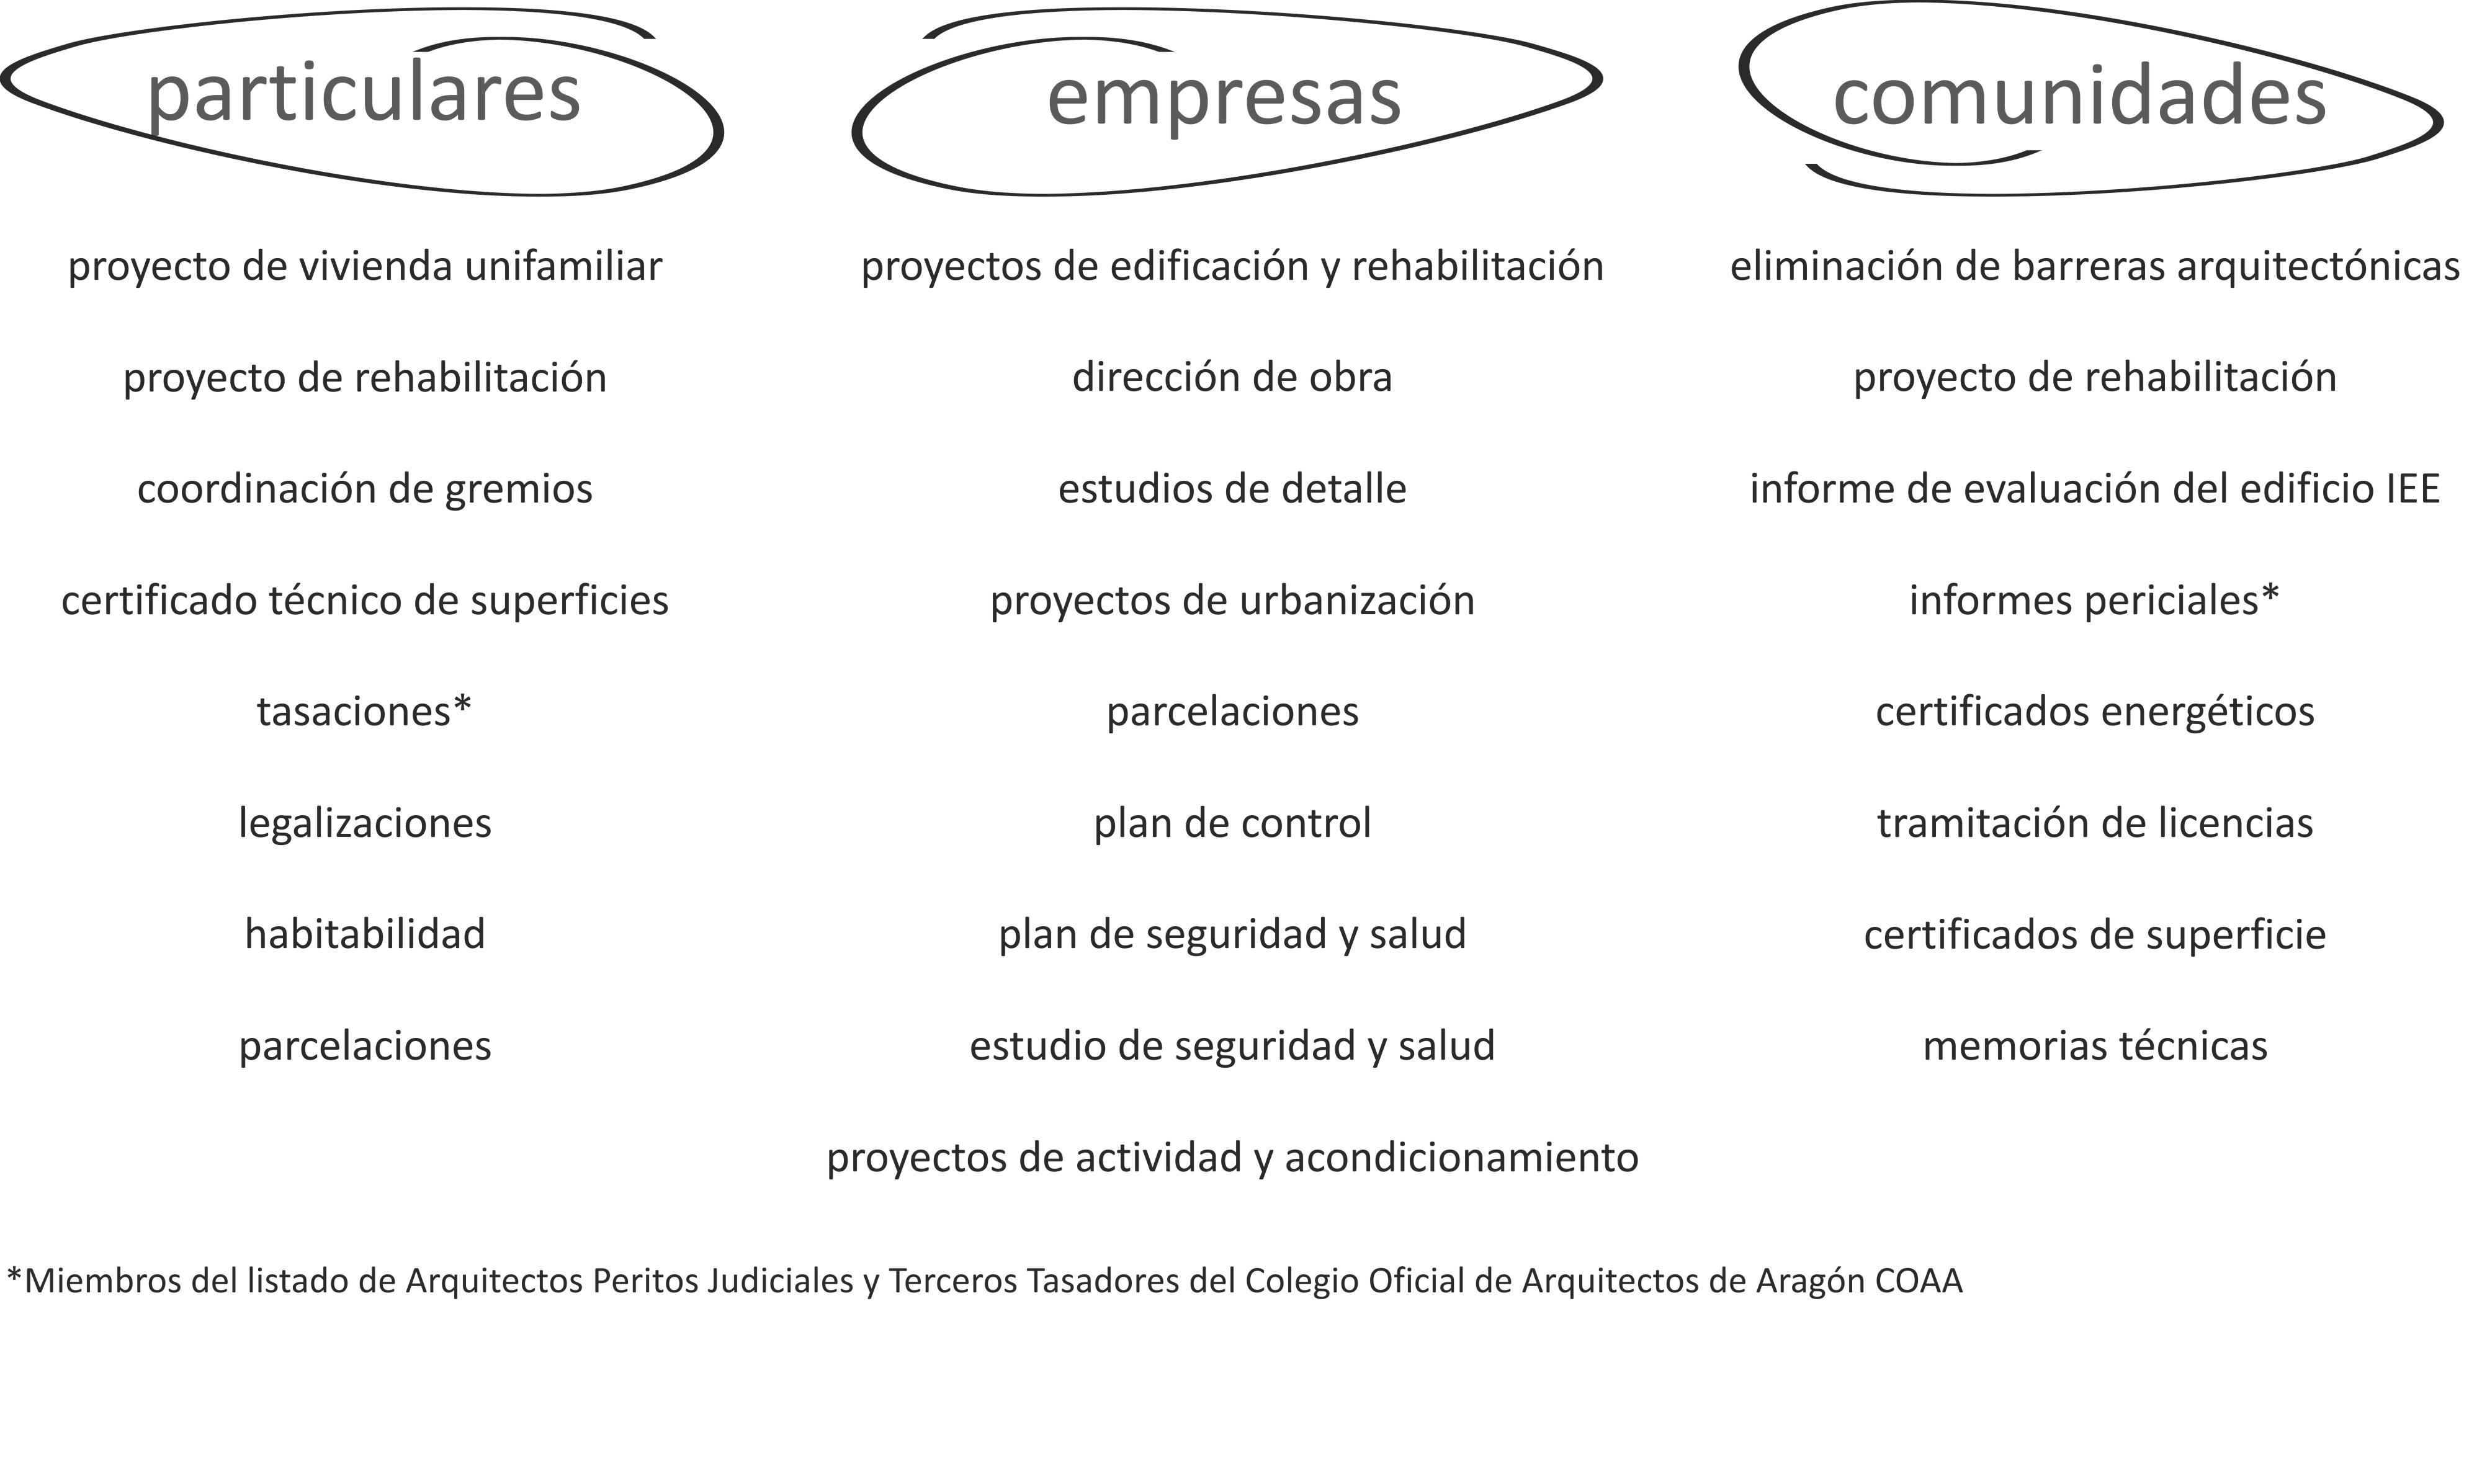 Stamm-Pousa-Currás, Arquitectos - Google+